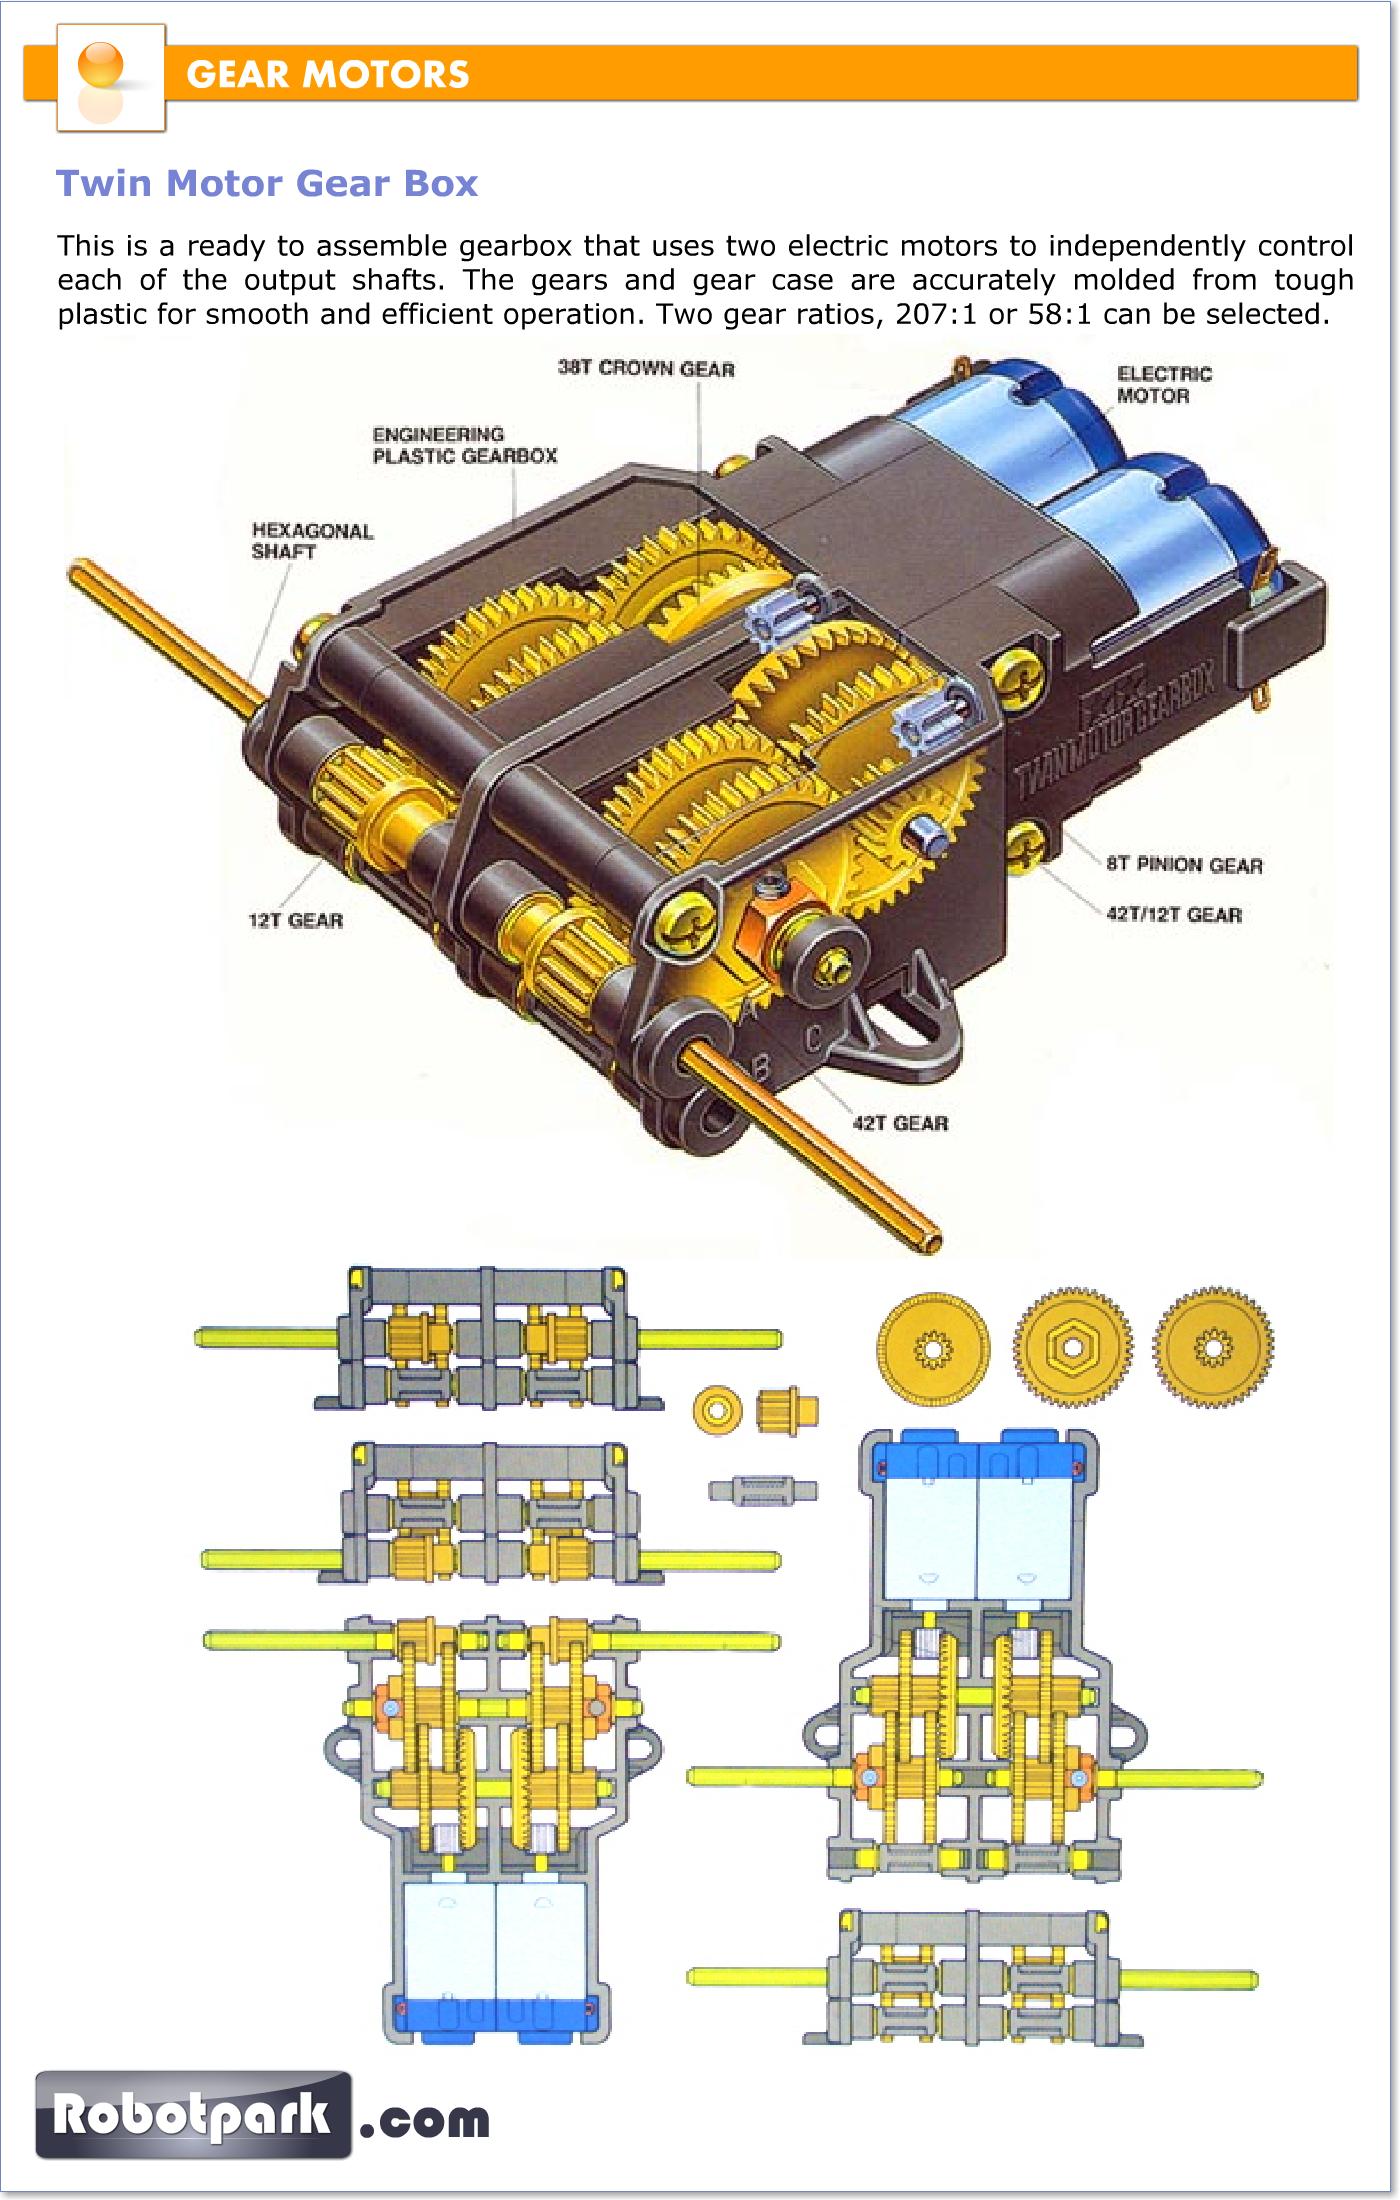 Gear motors gearboxes 51055 robotpark academy Gearbox motors